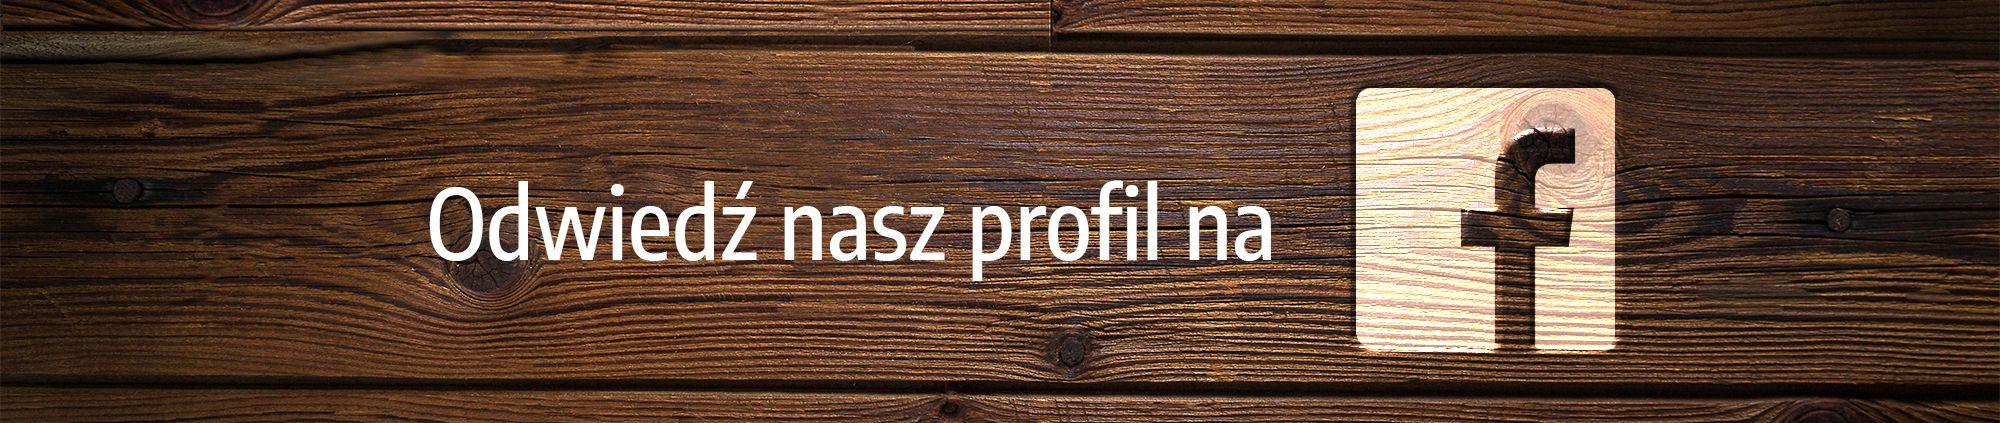 Przejdź do profilu